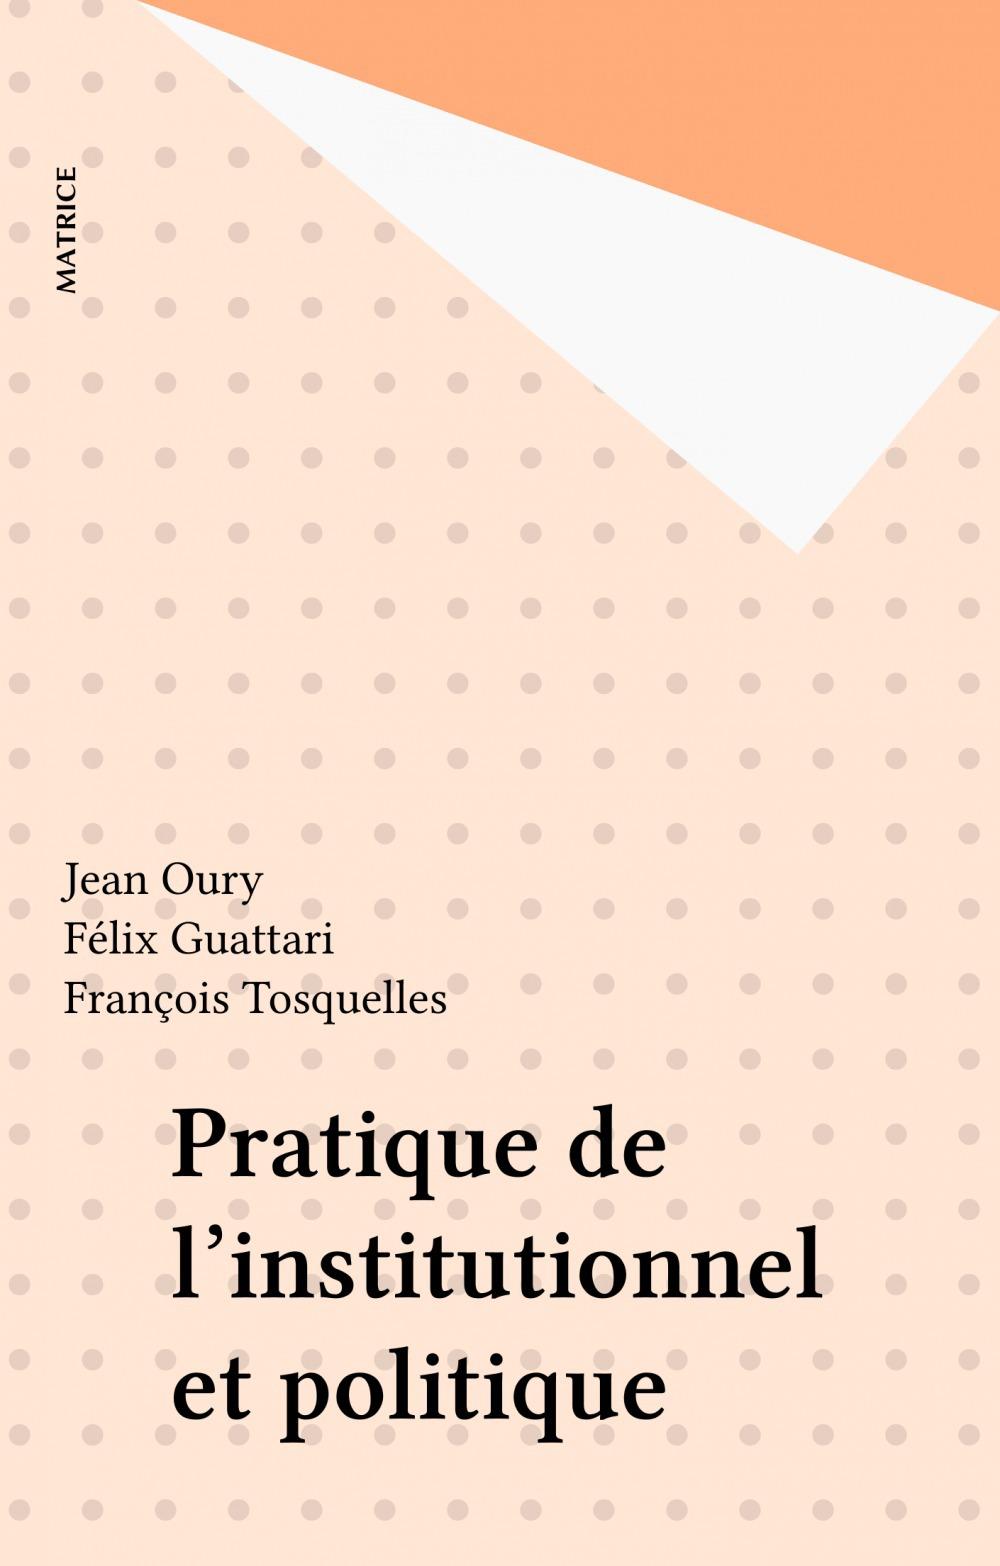 Pratique de l'institutionnel et politique